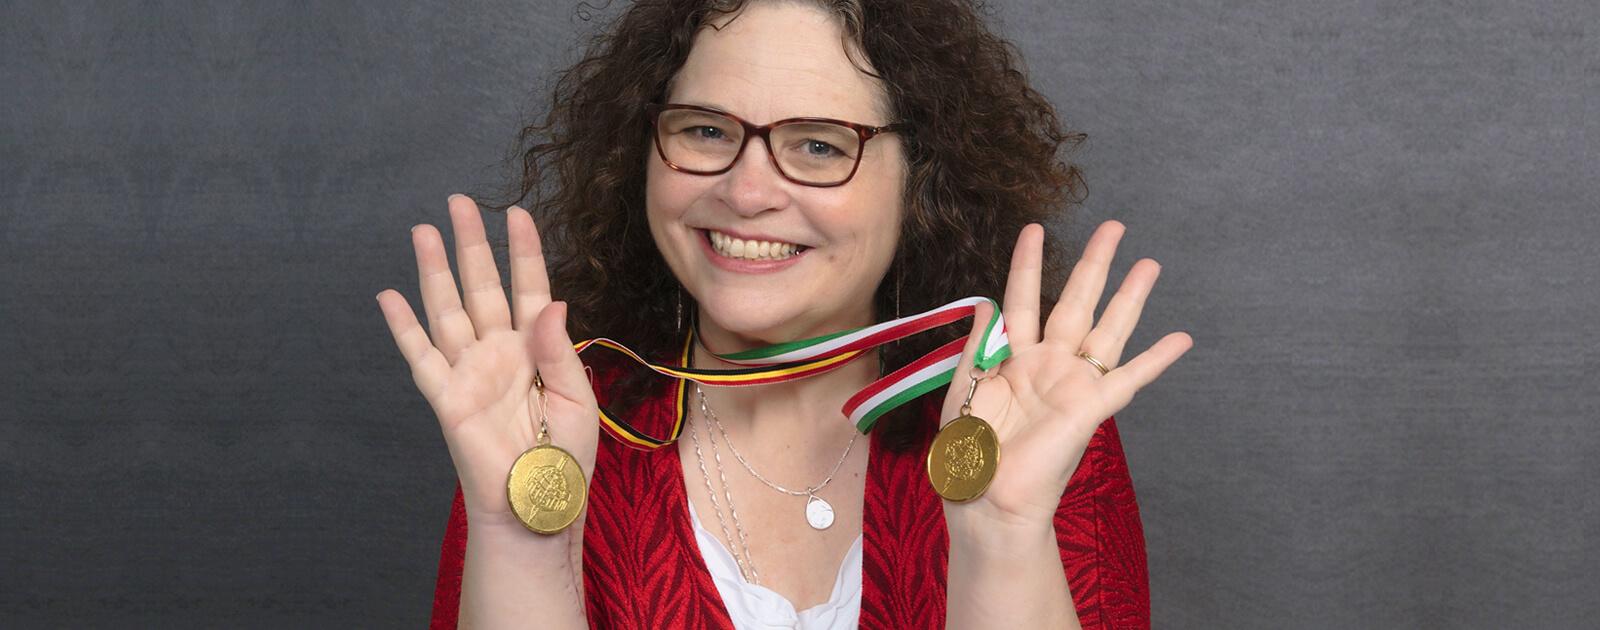 Intersteno World Champion Gold Medalist